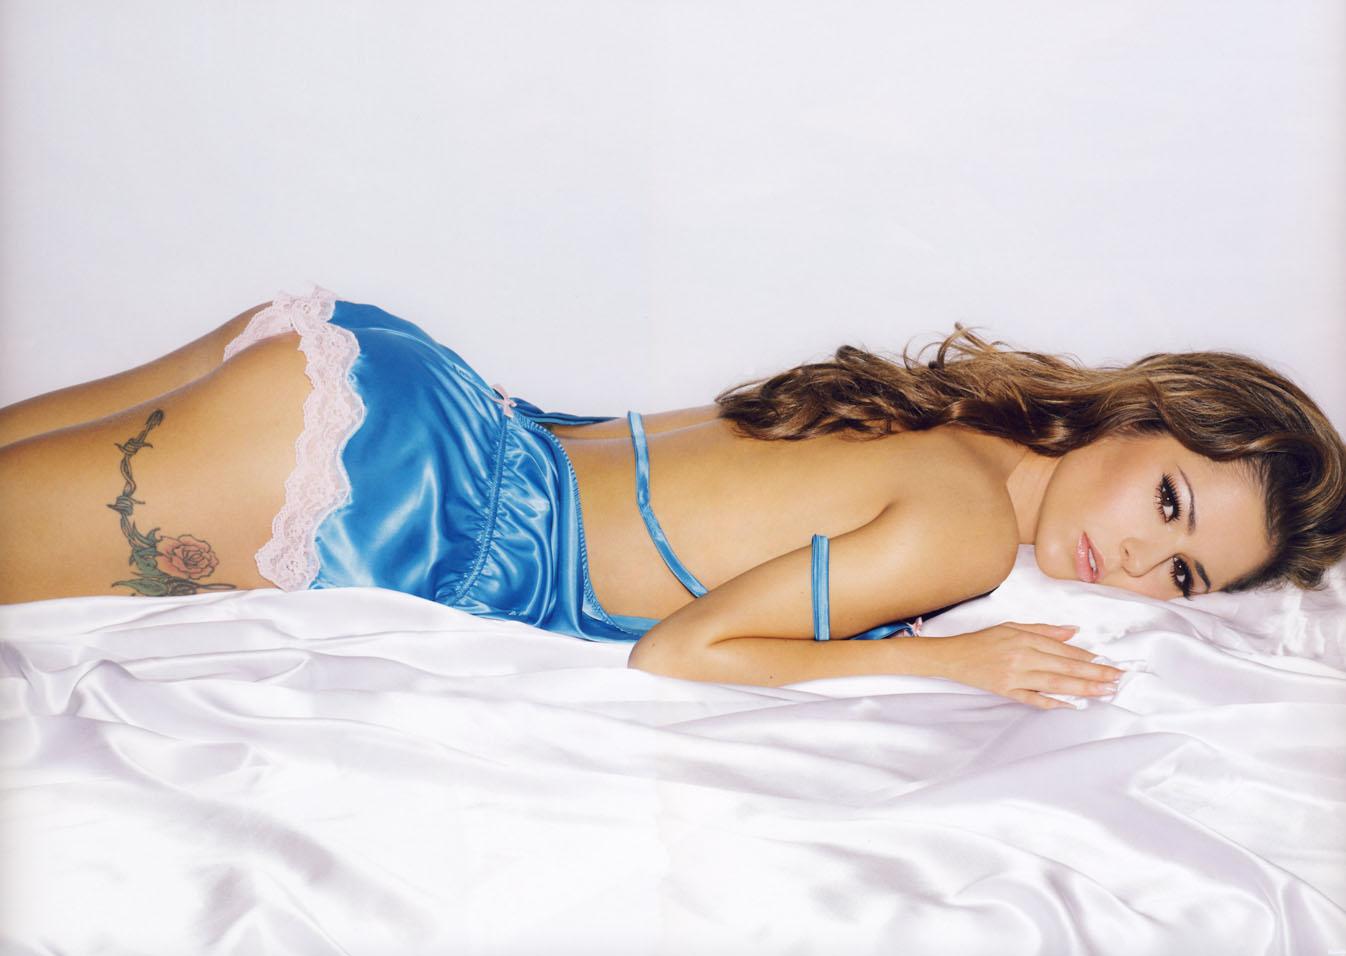 Cheryl Cole photos,pics,images